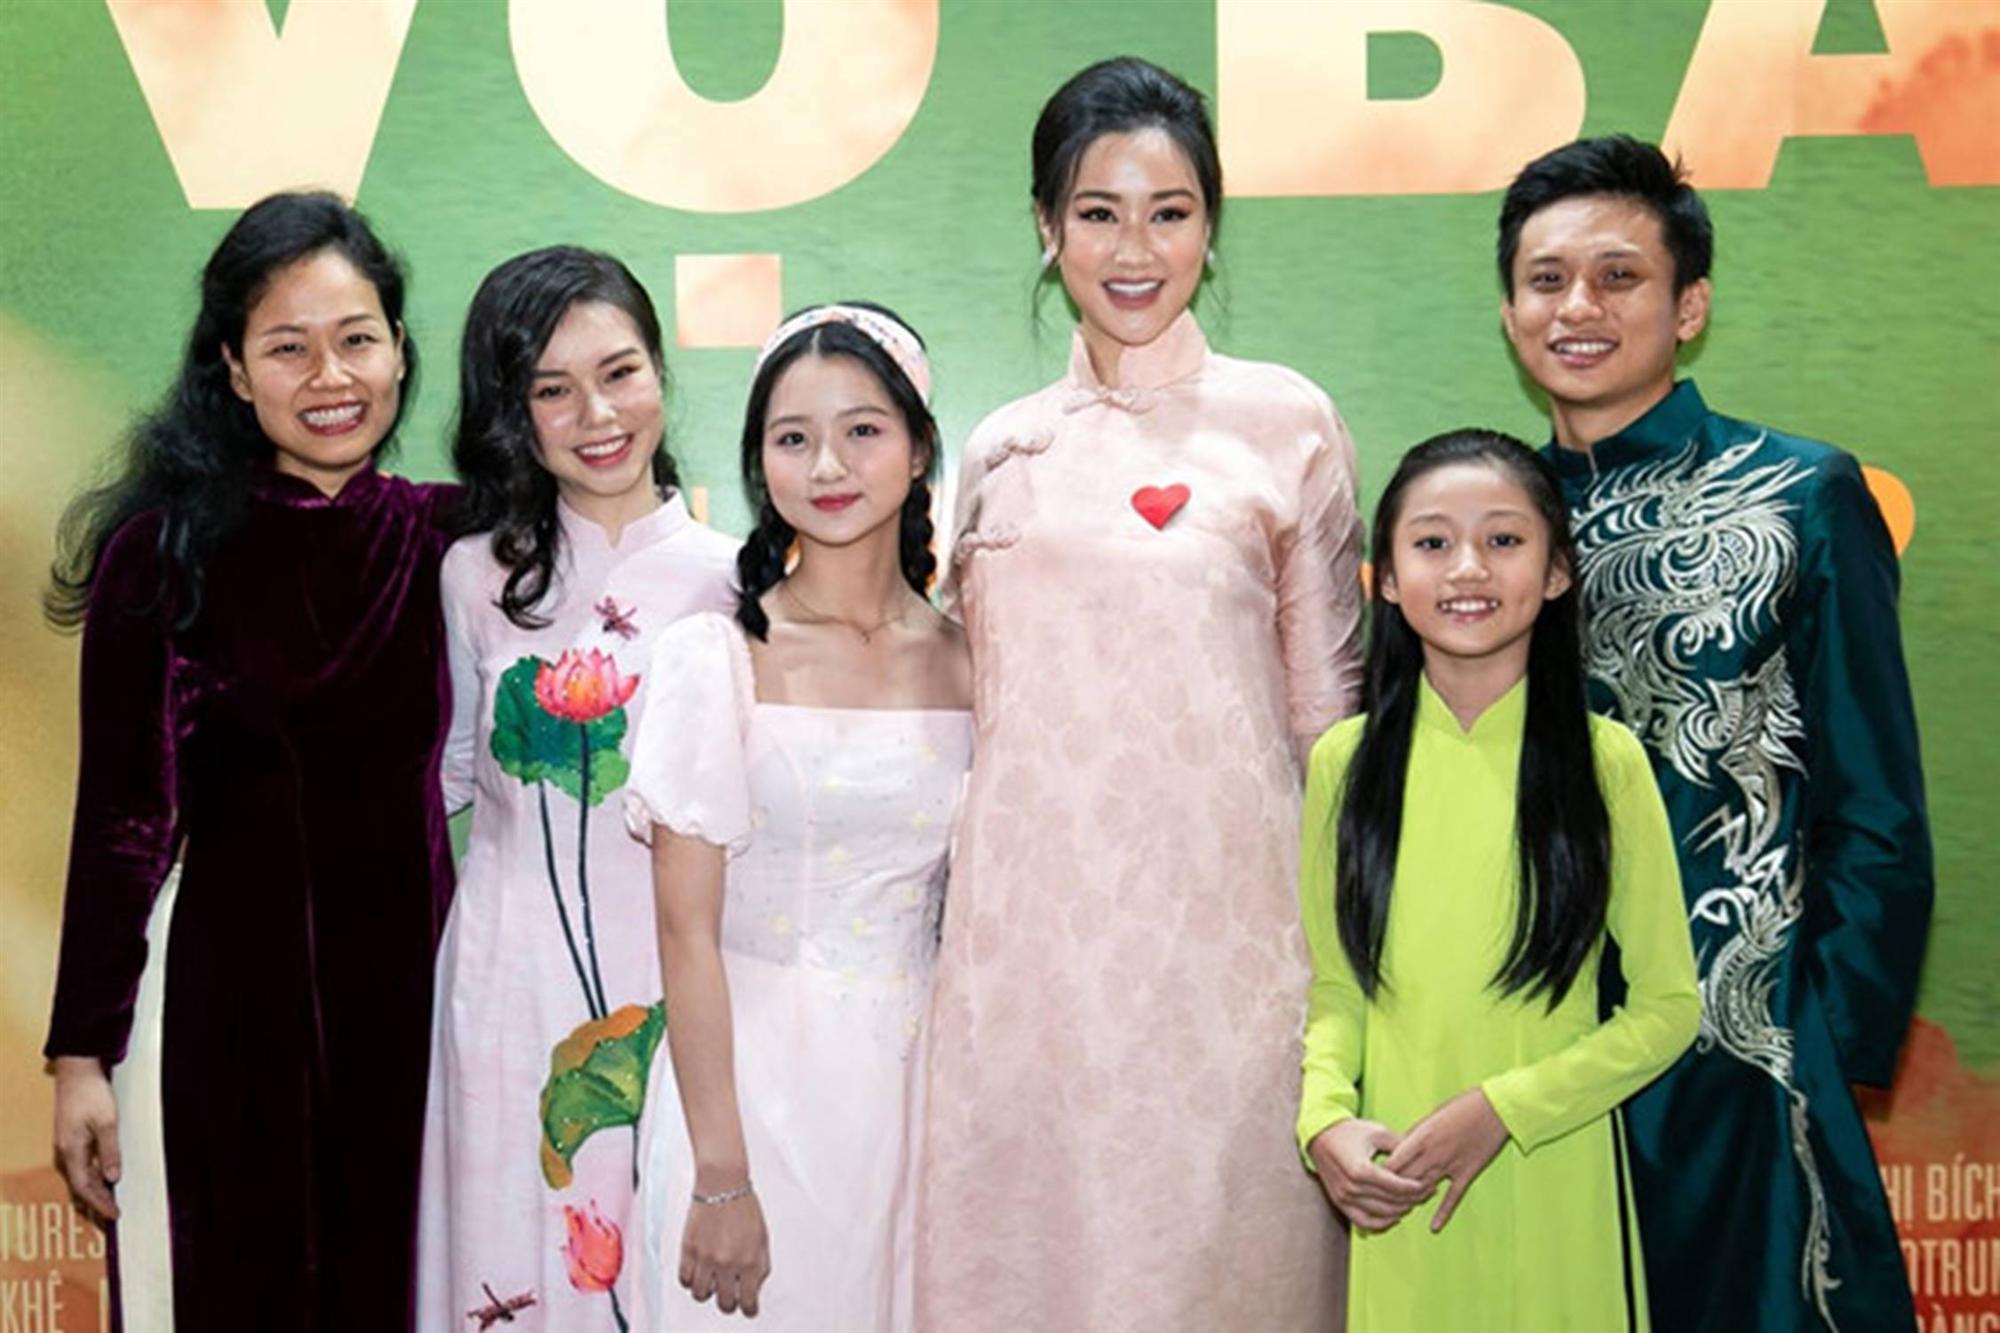 Nhan sắc cô gái Việt đóng cảnh nóng năm 13 tuổi trong phim Vợ ba-7